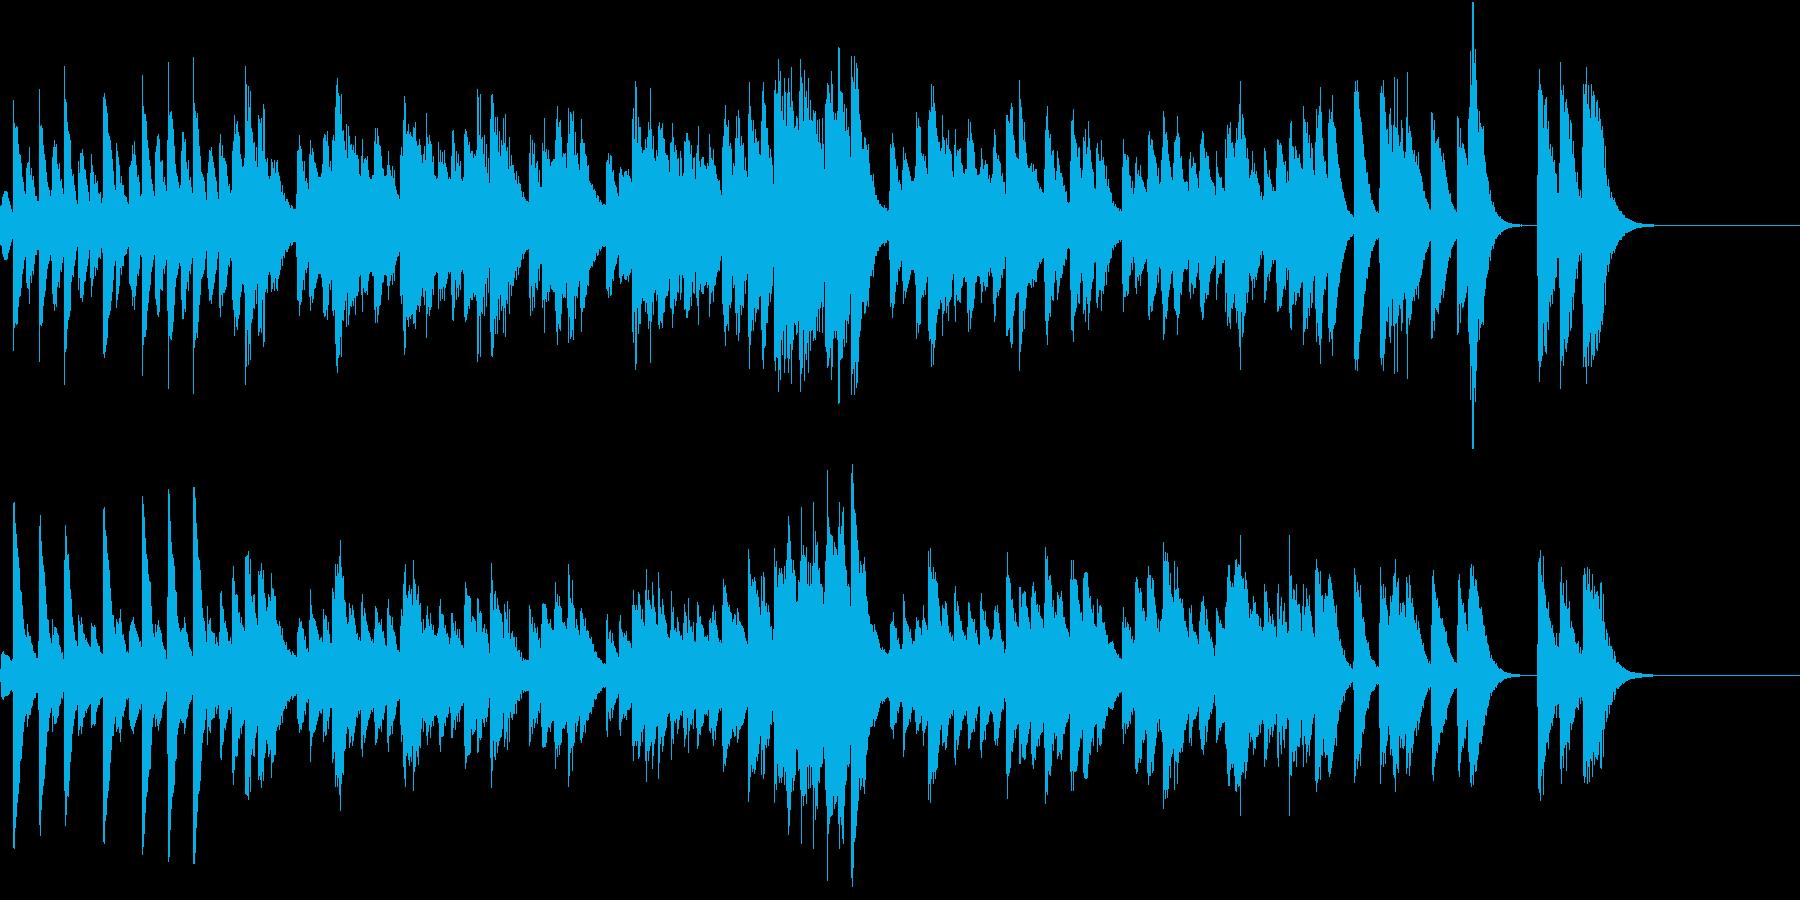 アイルランド民謡のようなピアノジングルの再生済みの波形